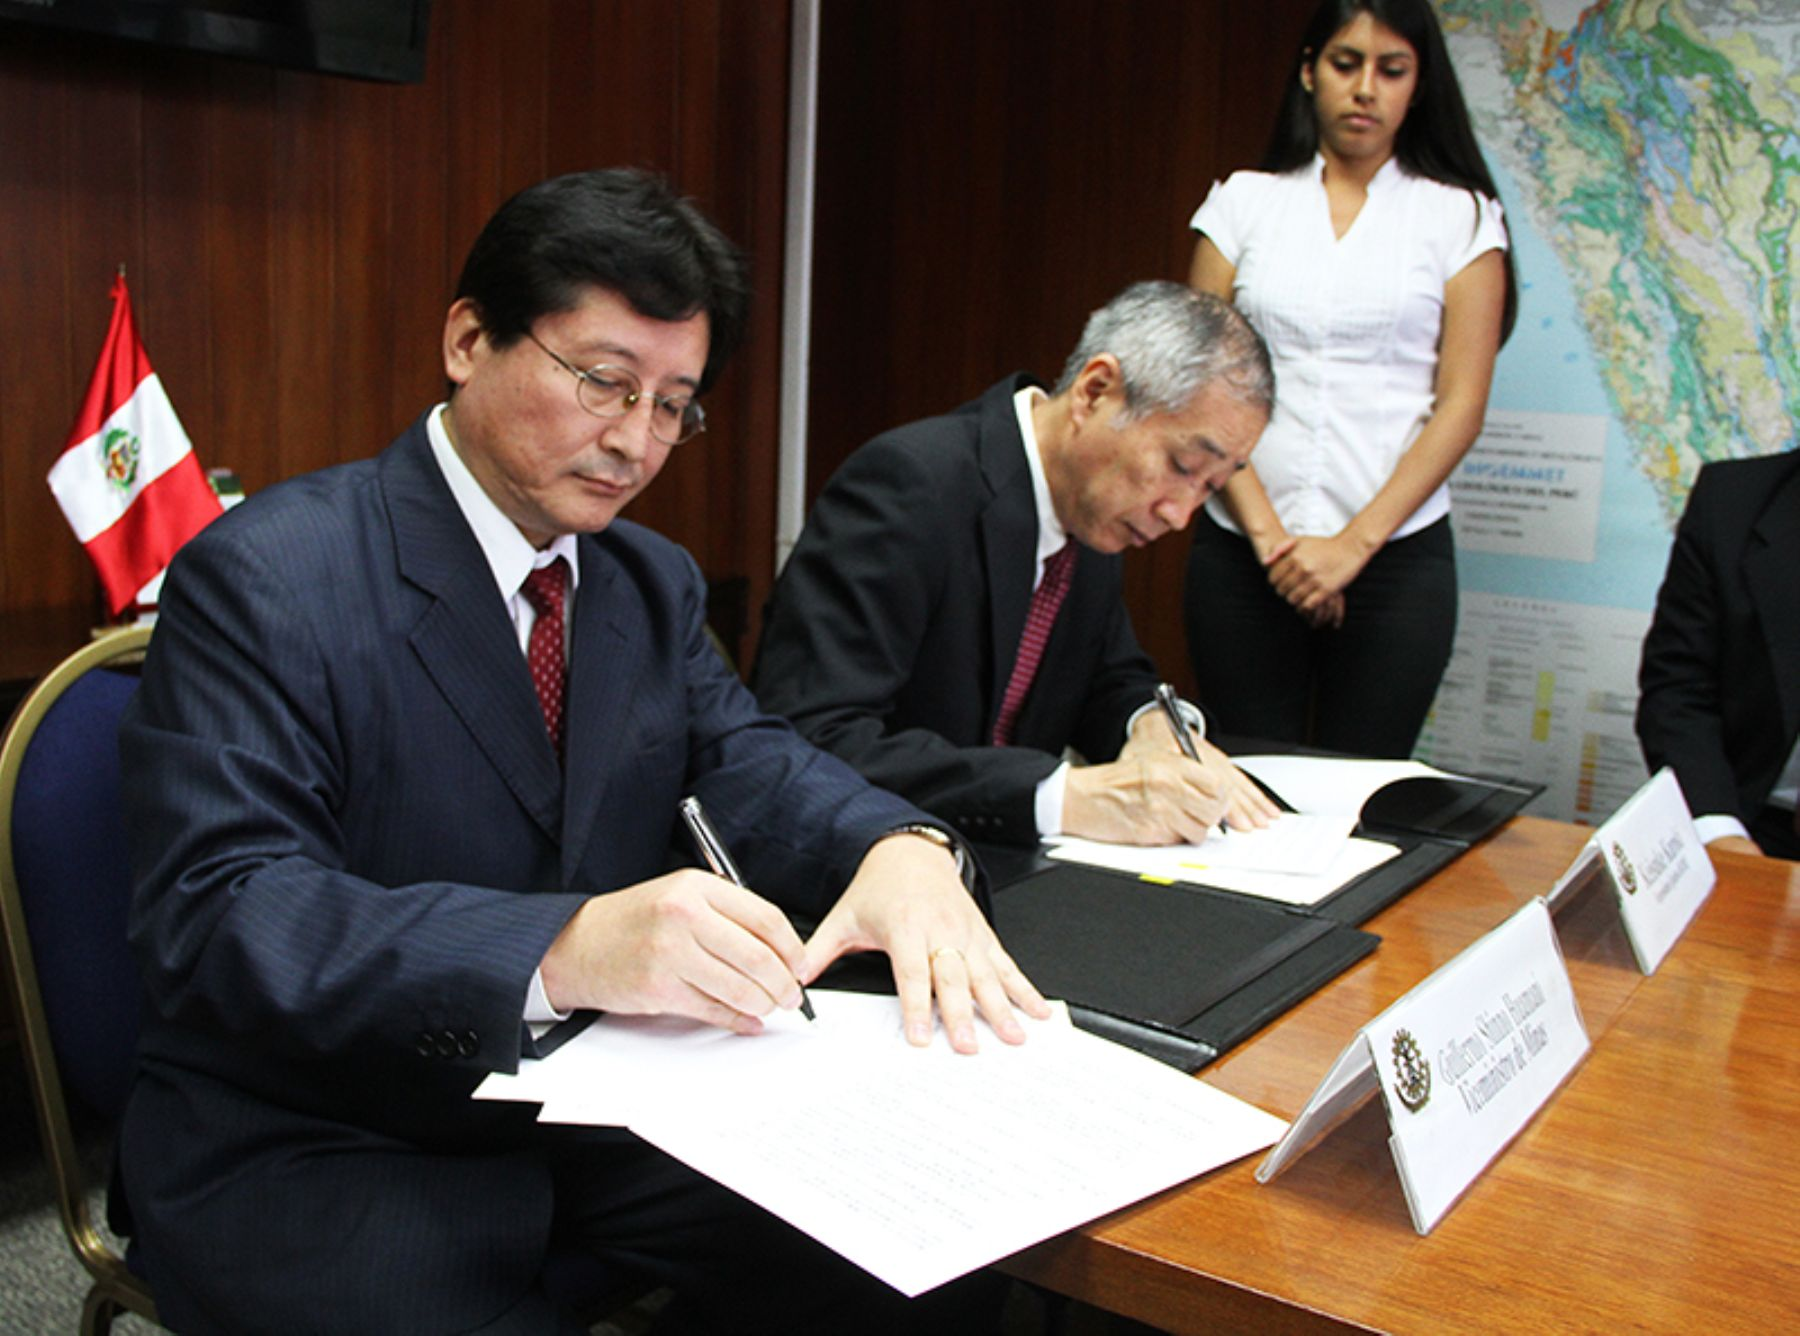 El viceministro de Minas, Guillermo Shinno, y el vicepresidente ejecutivo de Jogmec, Keisuke Kuroki, firman convenio de cooperación bilateral.